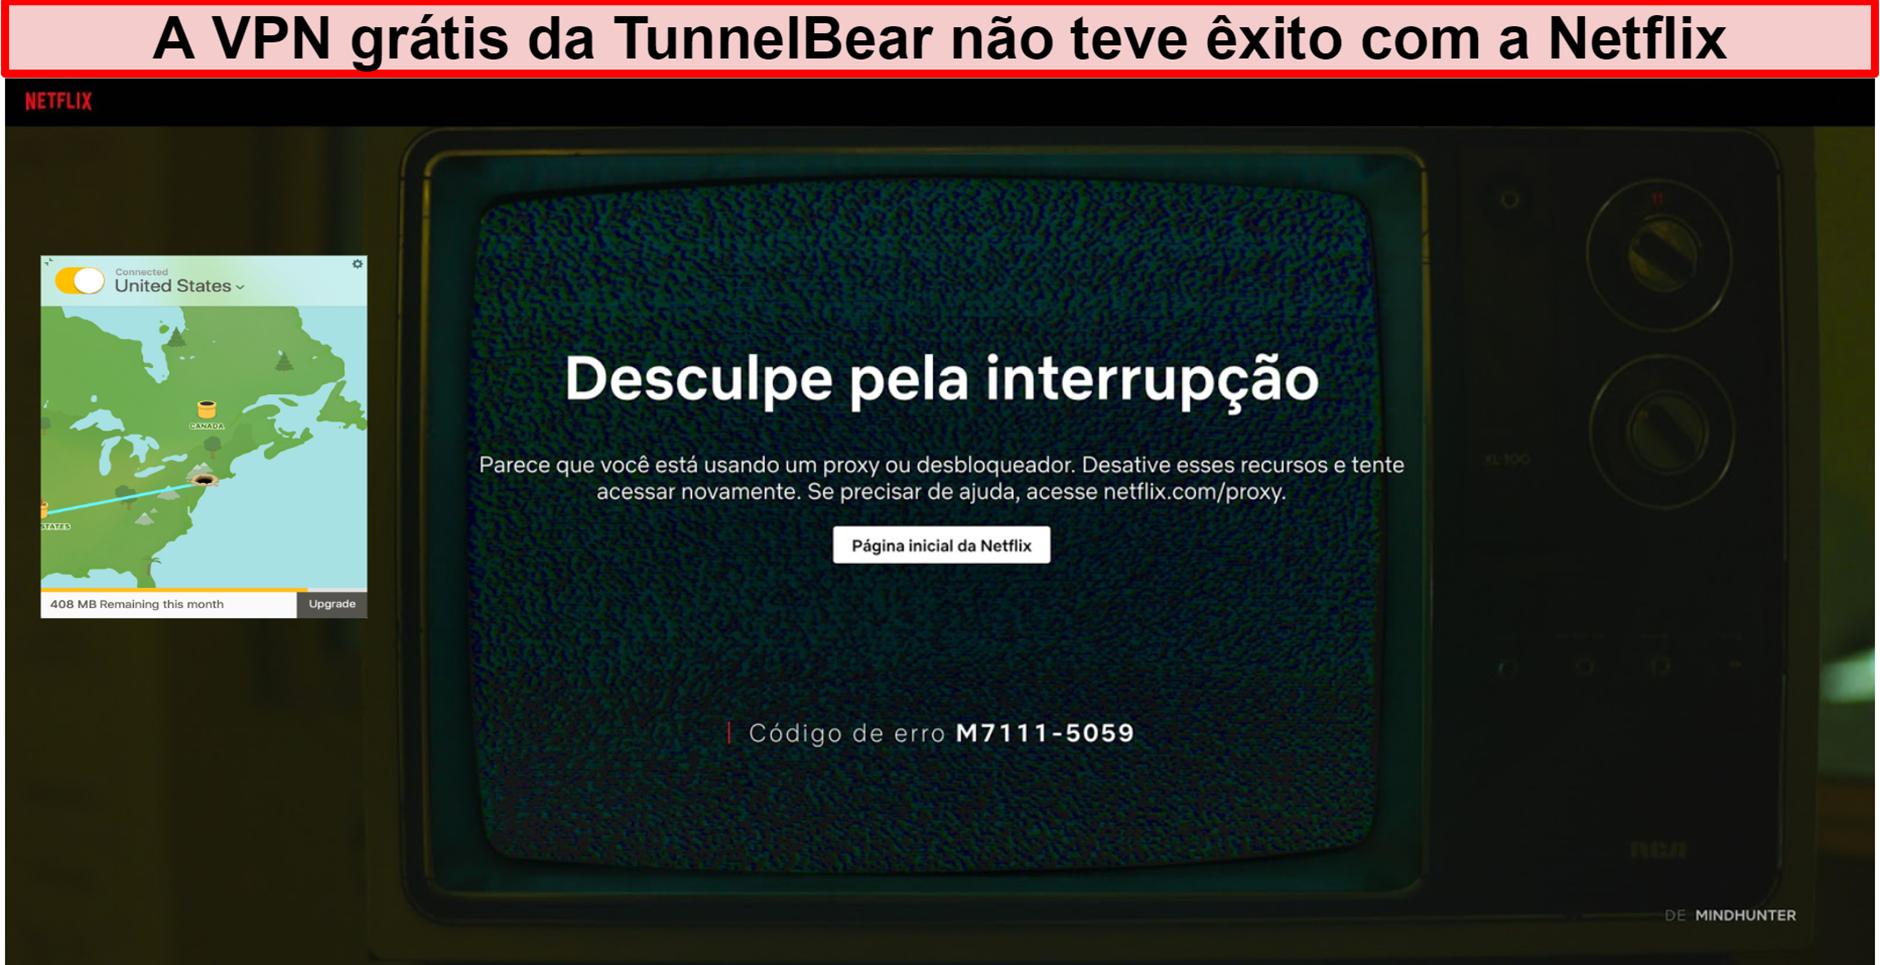 Captura de tela da VPN TunnelBear conectada aos EUA com a Netflix, mostrando a mensagem de erro do desbloqueador ou proxy